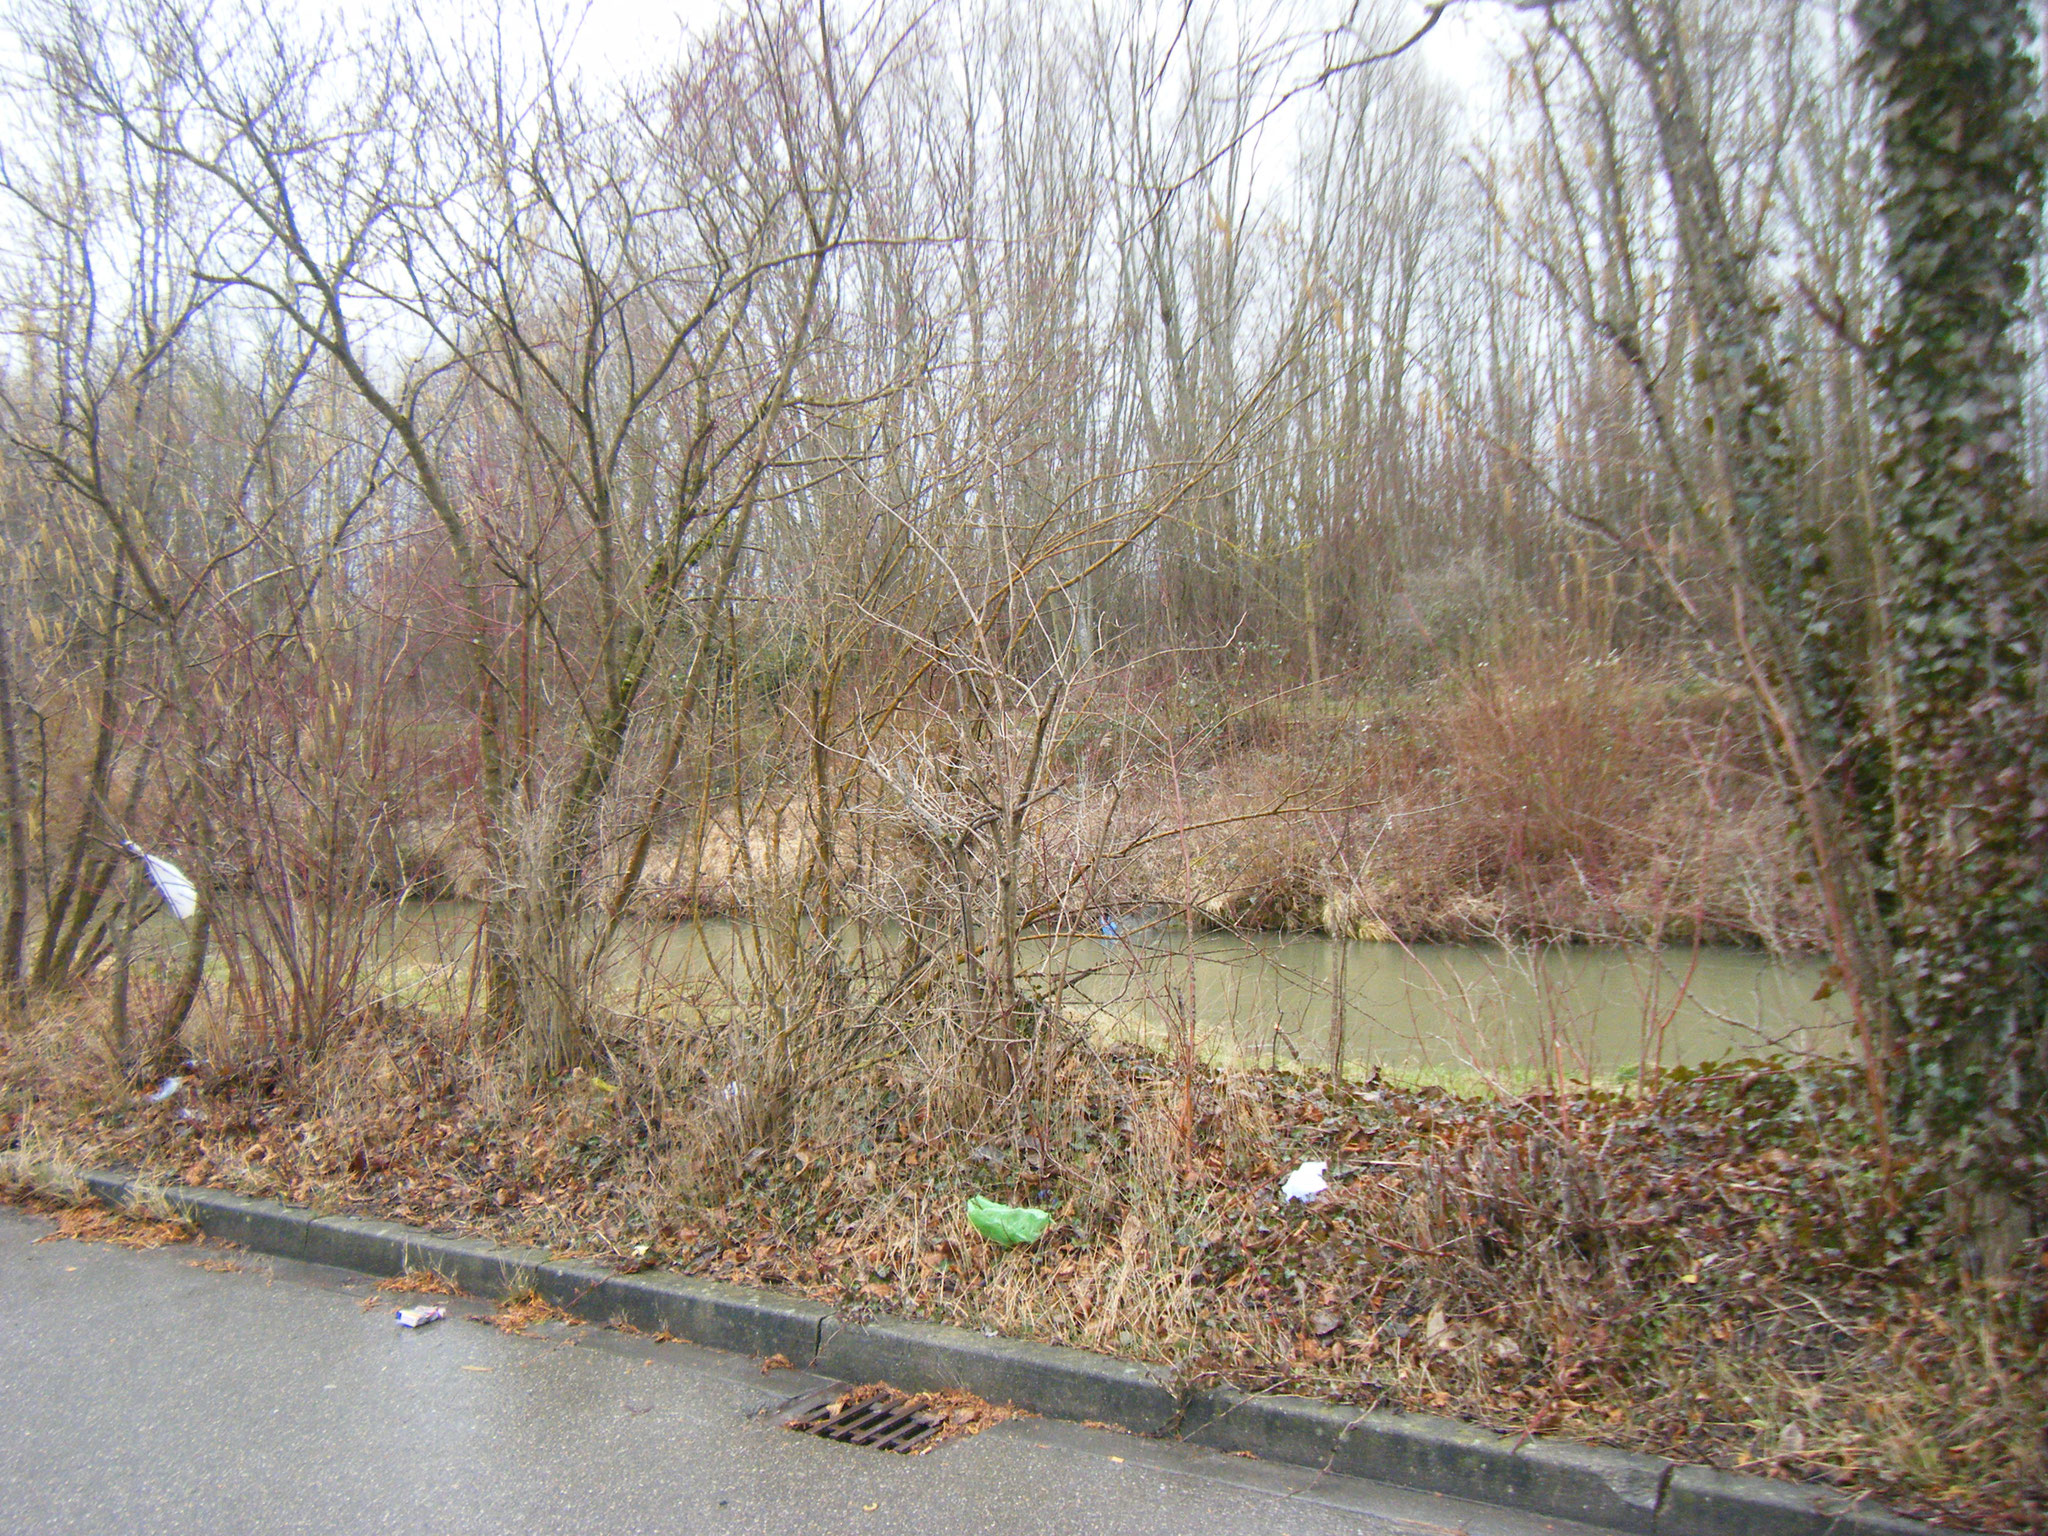 Der Wind treibt die Müllteile in die Büsche, ins Wasser und sogar ans gegenüberliegende Ufer